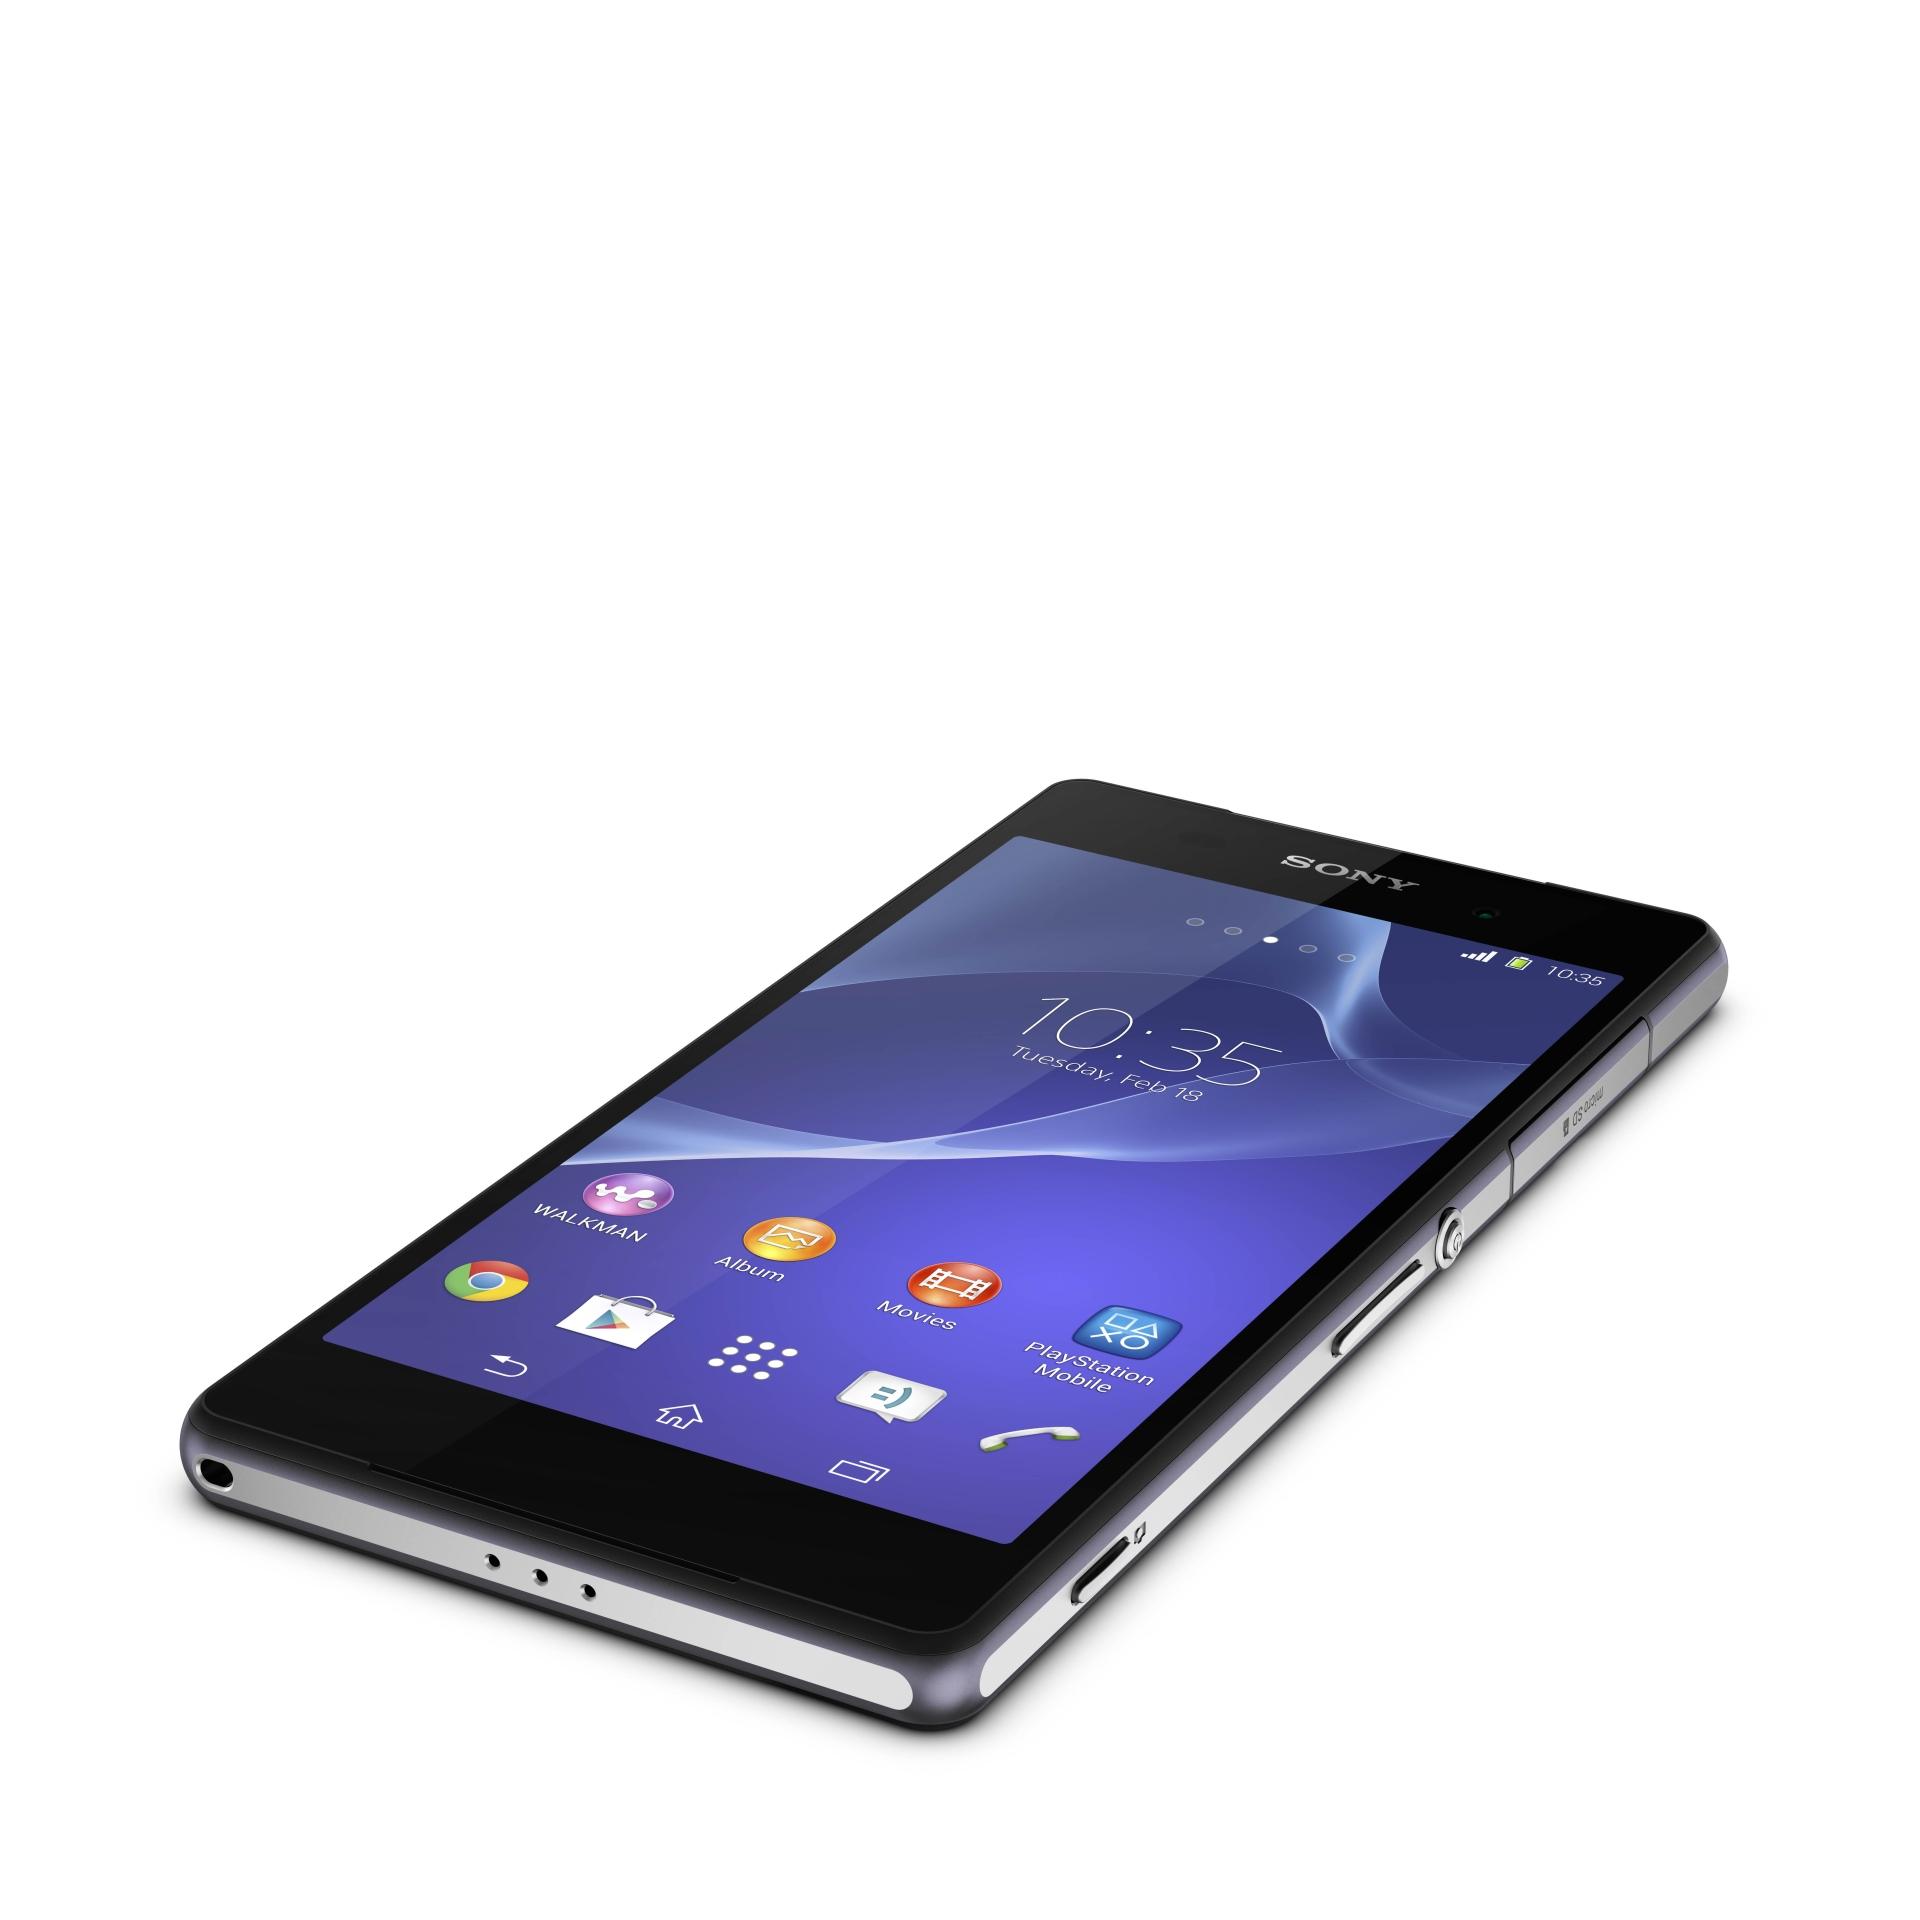 Hands on Sony Xperia Z2: Neuer, schneller Prozessor und 4K-Videofunktion - Das neue Xperia Z2 von Sony (Bild: Sony)